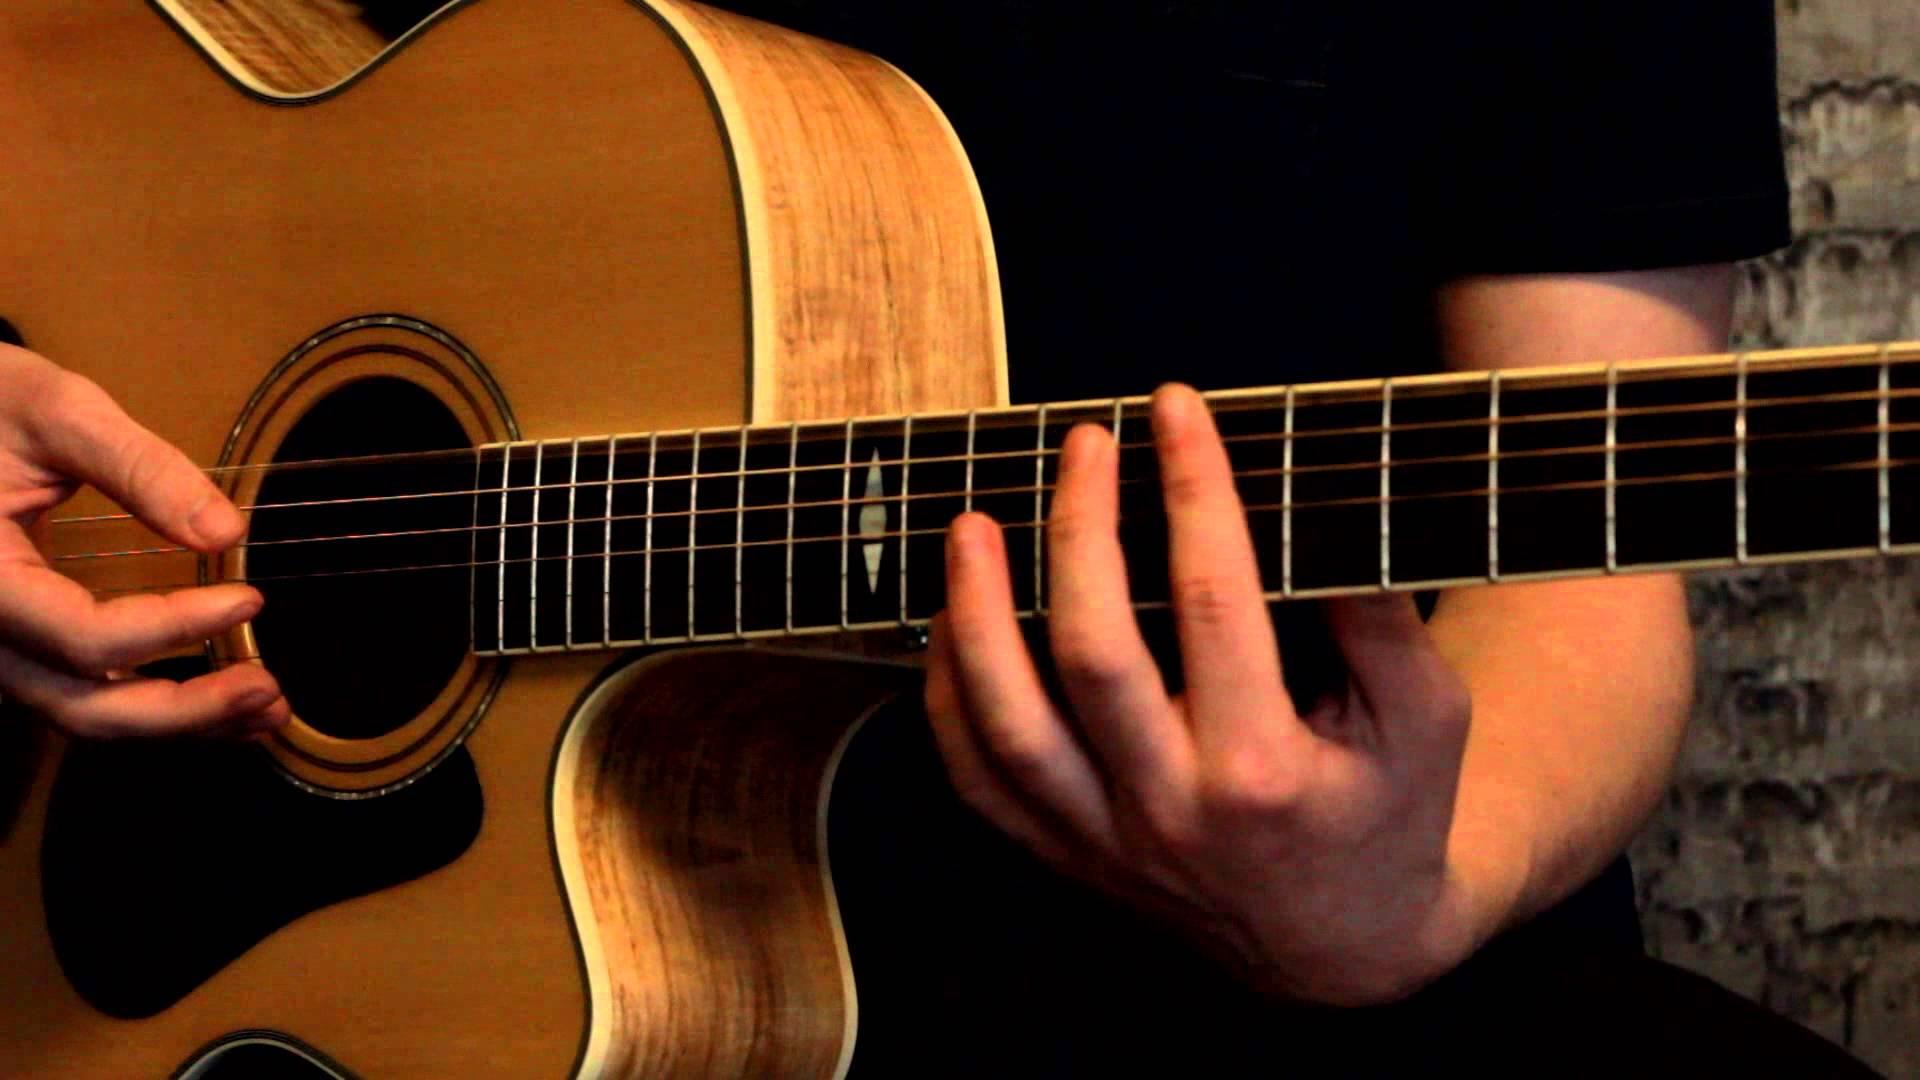 ejercicios para agilizar los dedos para tocar la guitarra portada